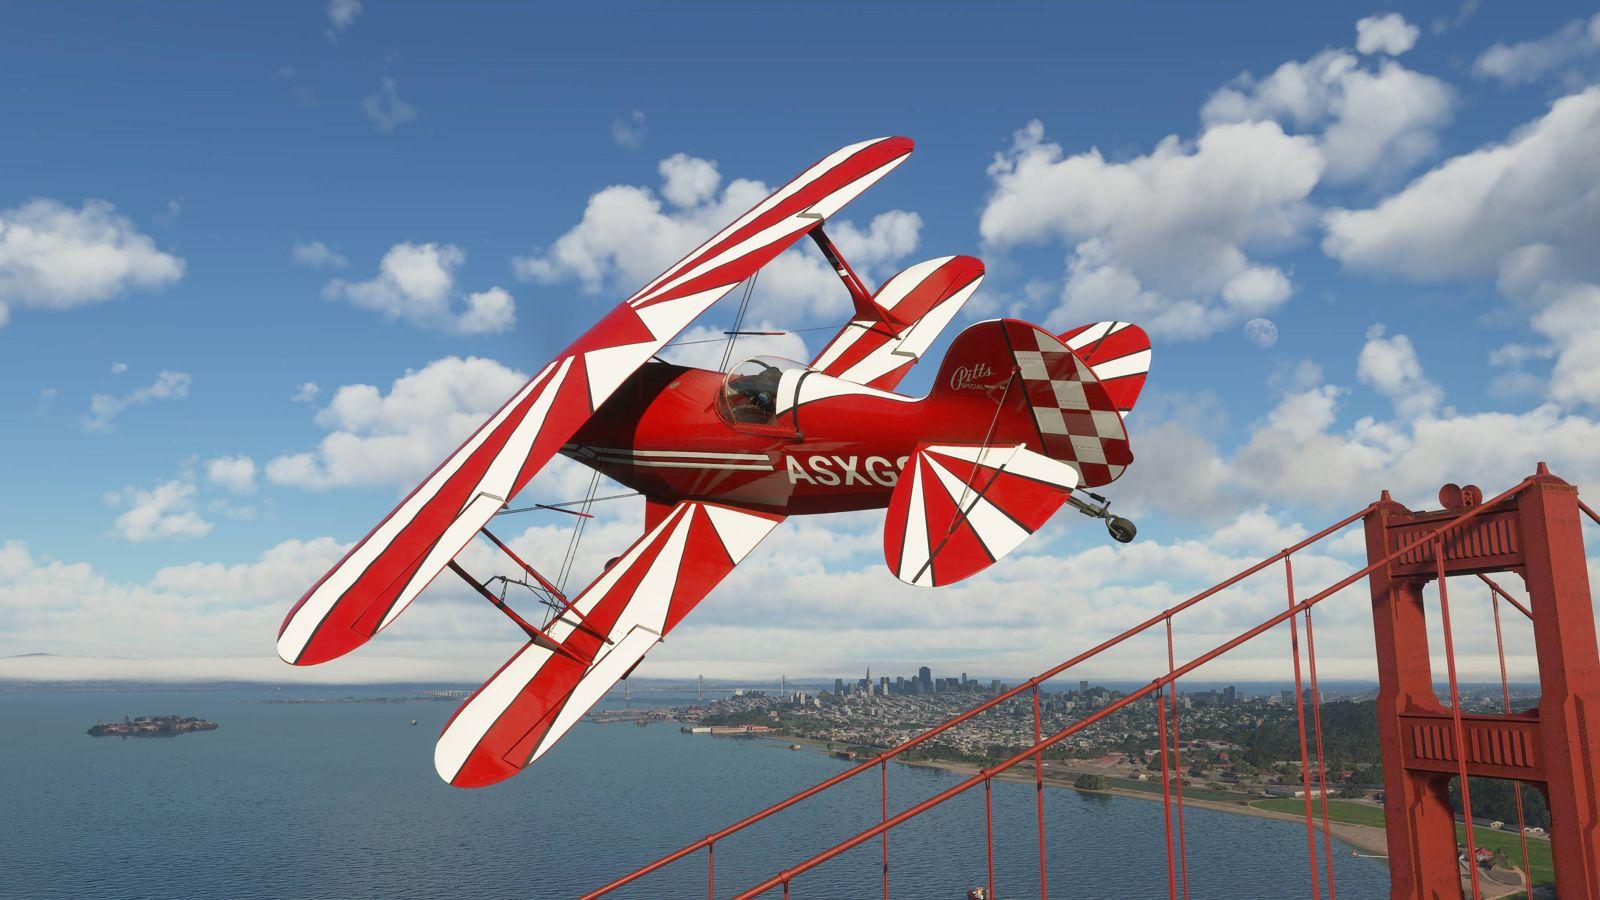 Steam-версия Microsoft Flight Simulator тоже выйдет 18 августа — цены на предзаказ начинаются от 4 тыс. рублей